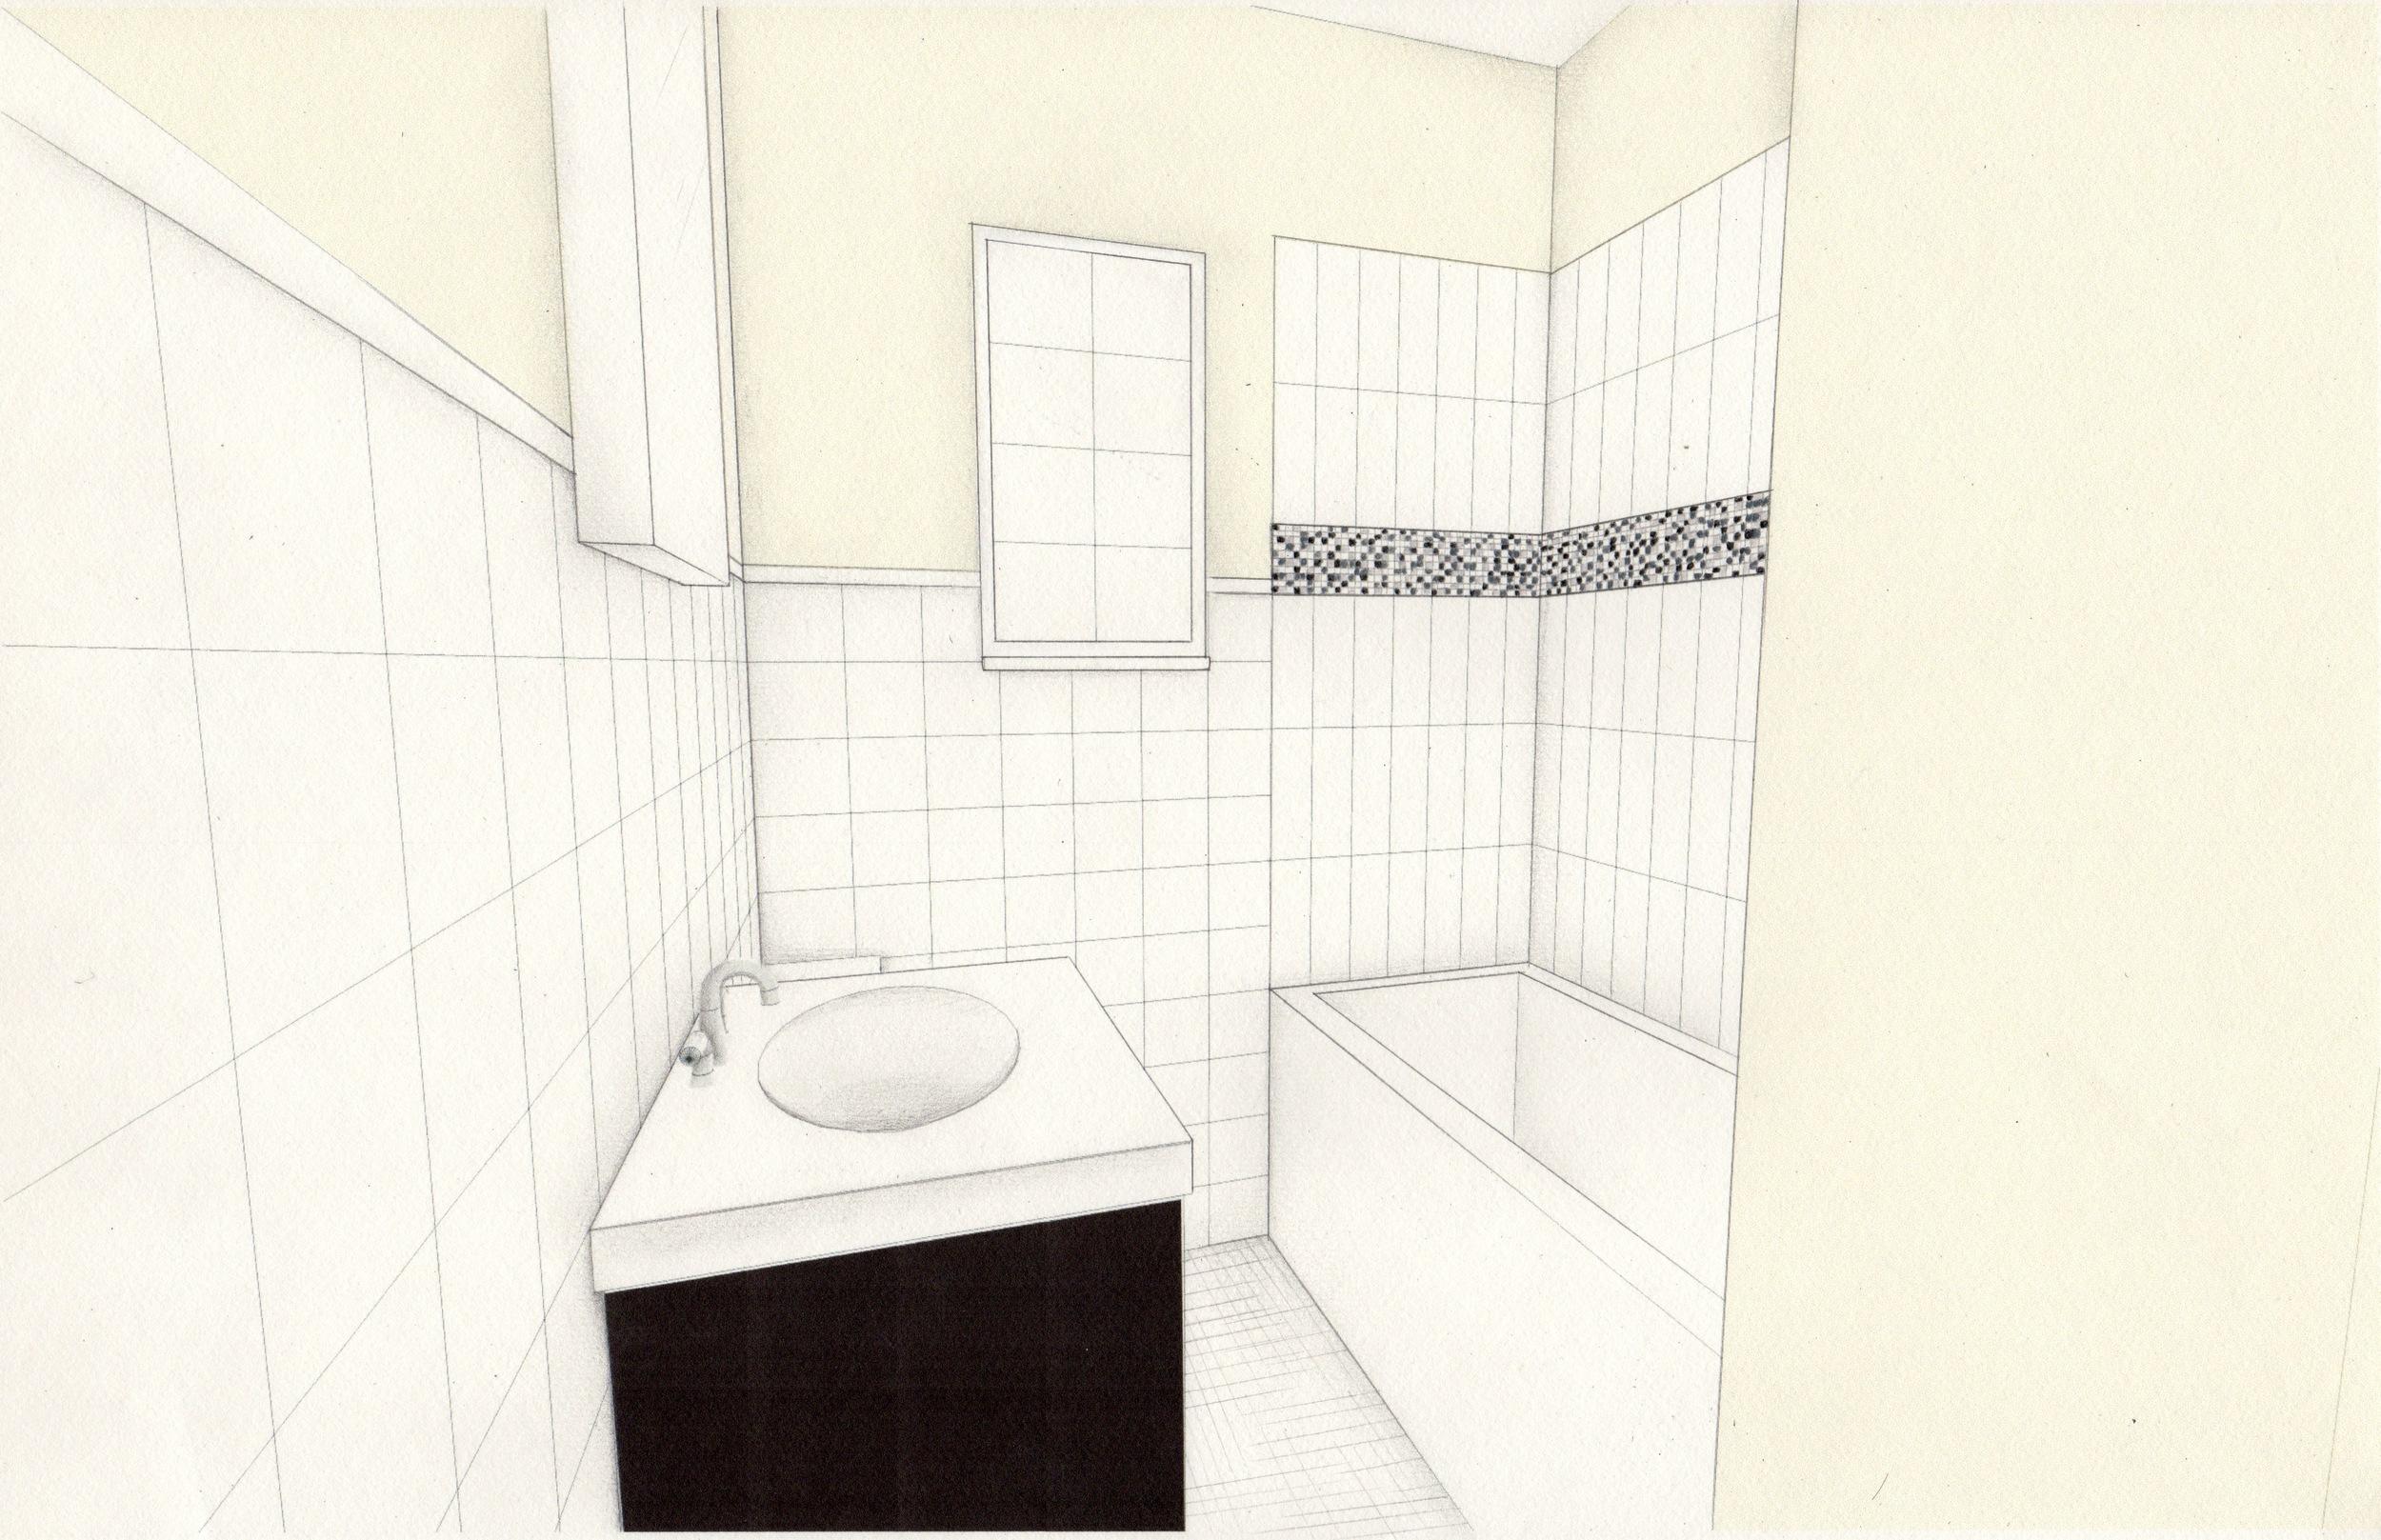 Proposed bathroom design